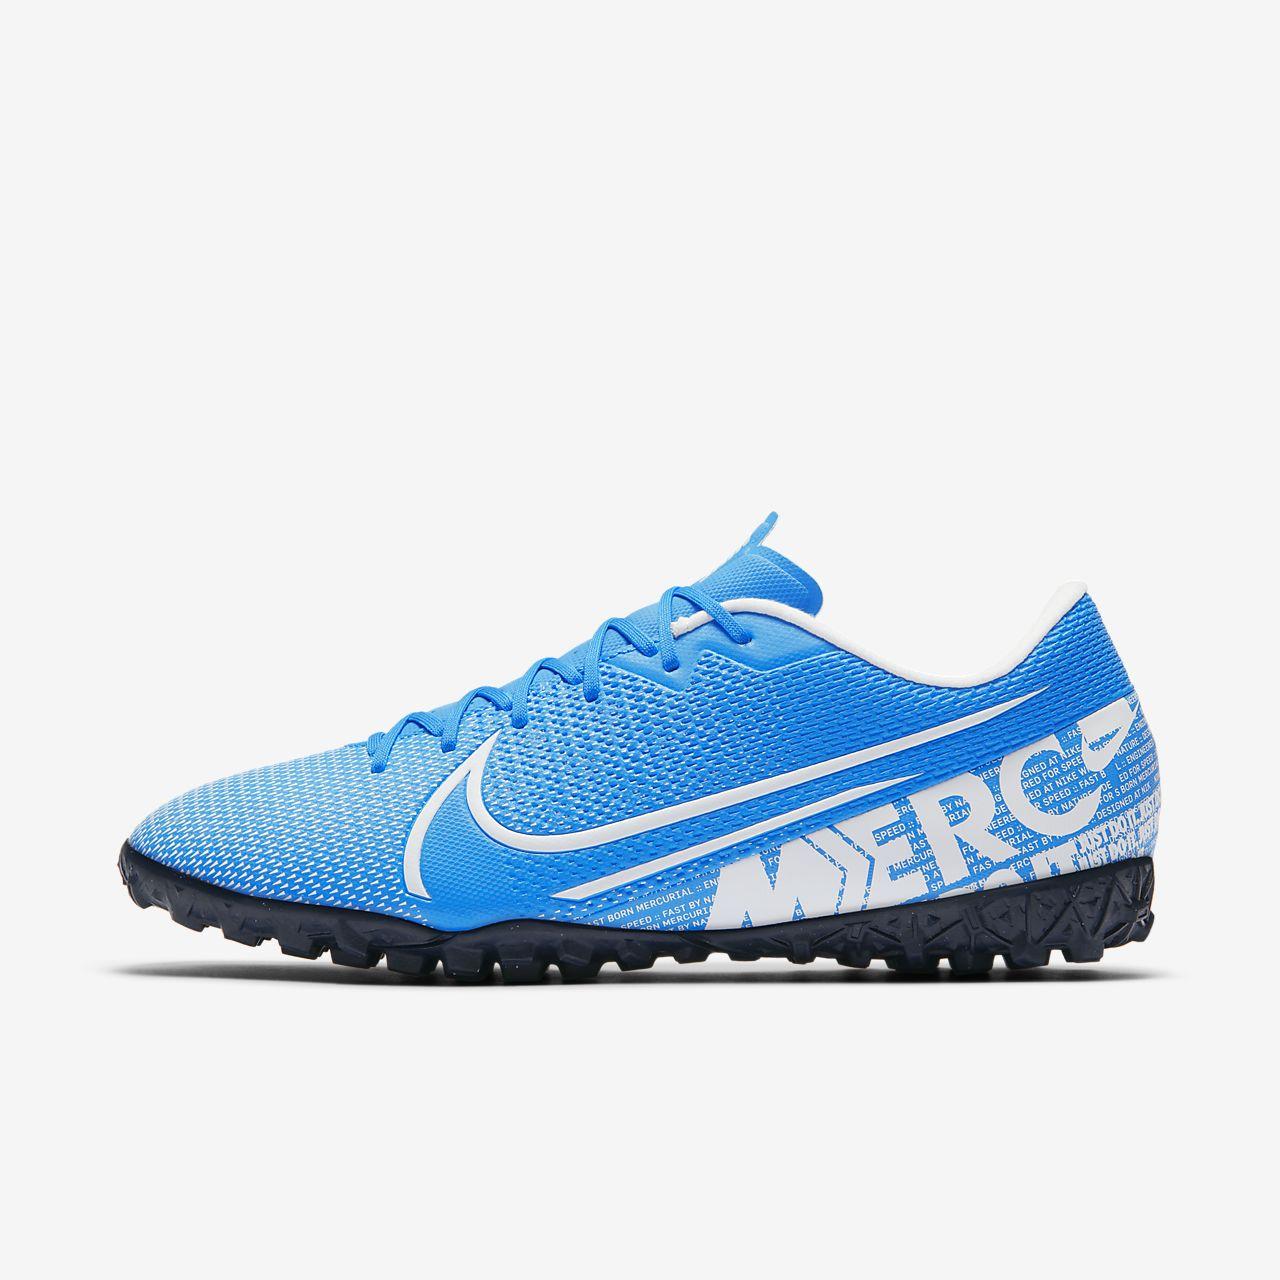 Fotbollssko Nike Mercurial Vapor 13 Academy TF för grus/turf